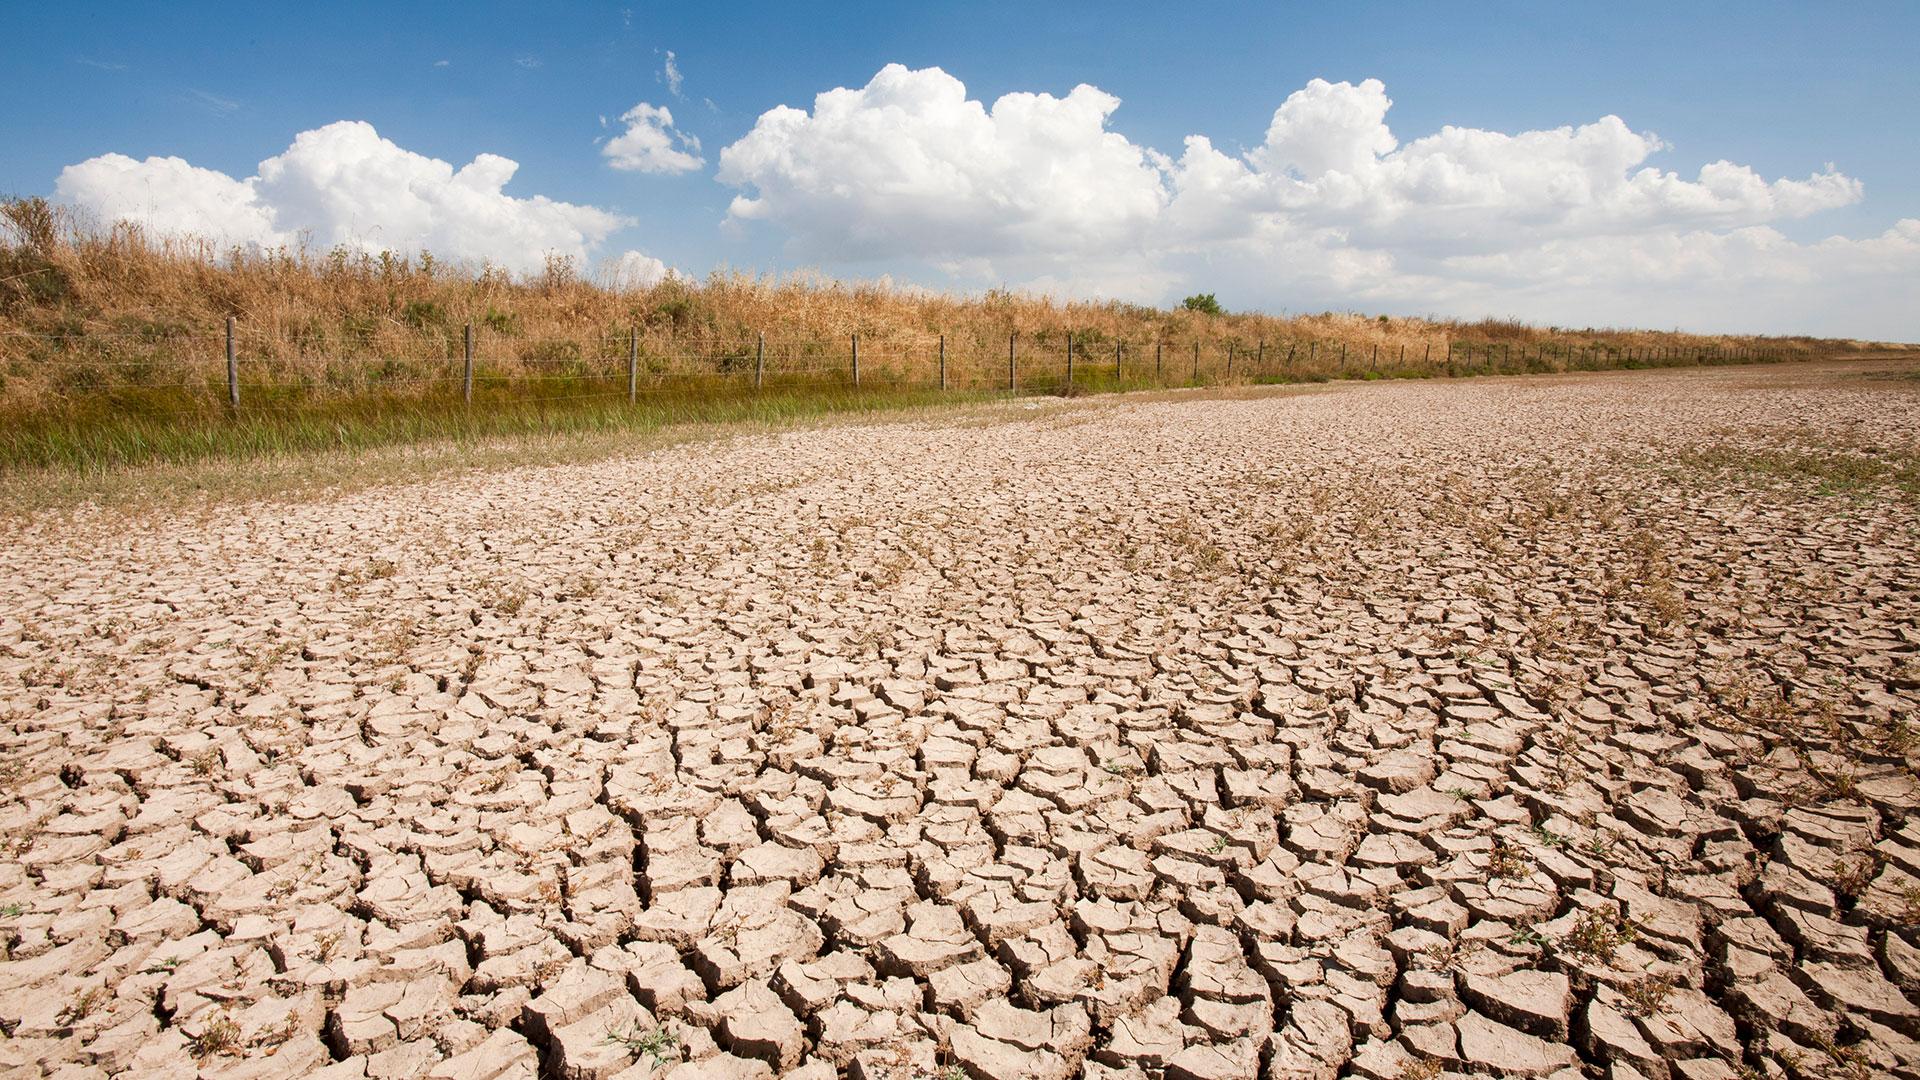 Trockenheit ist in Südspanien ein großes Problem. © Global Warming Images